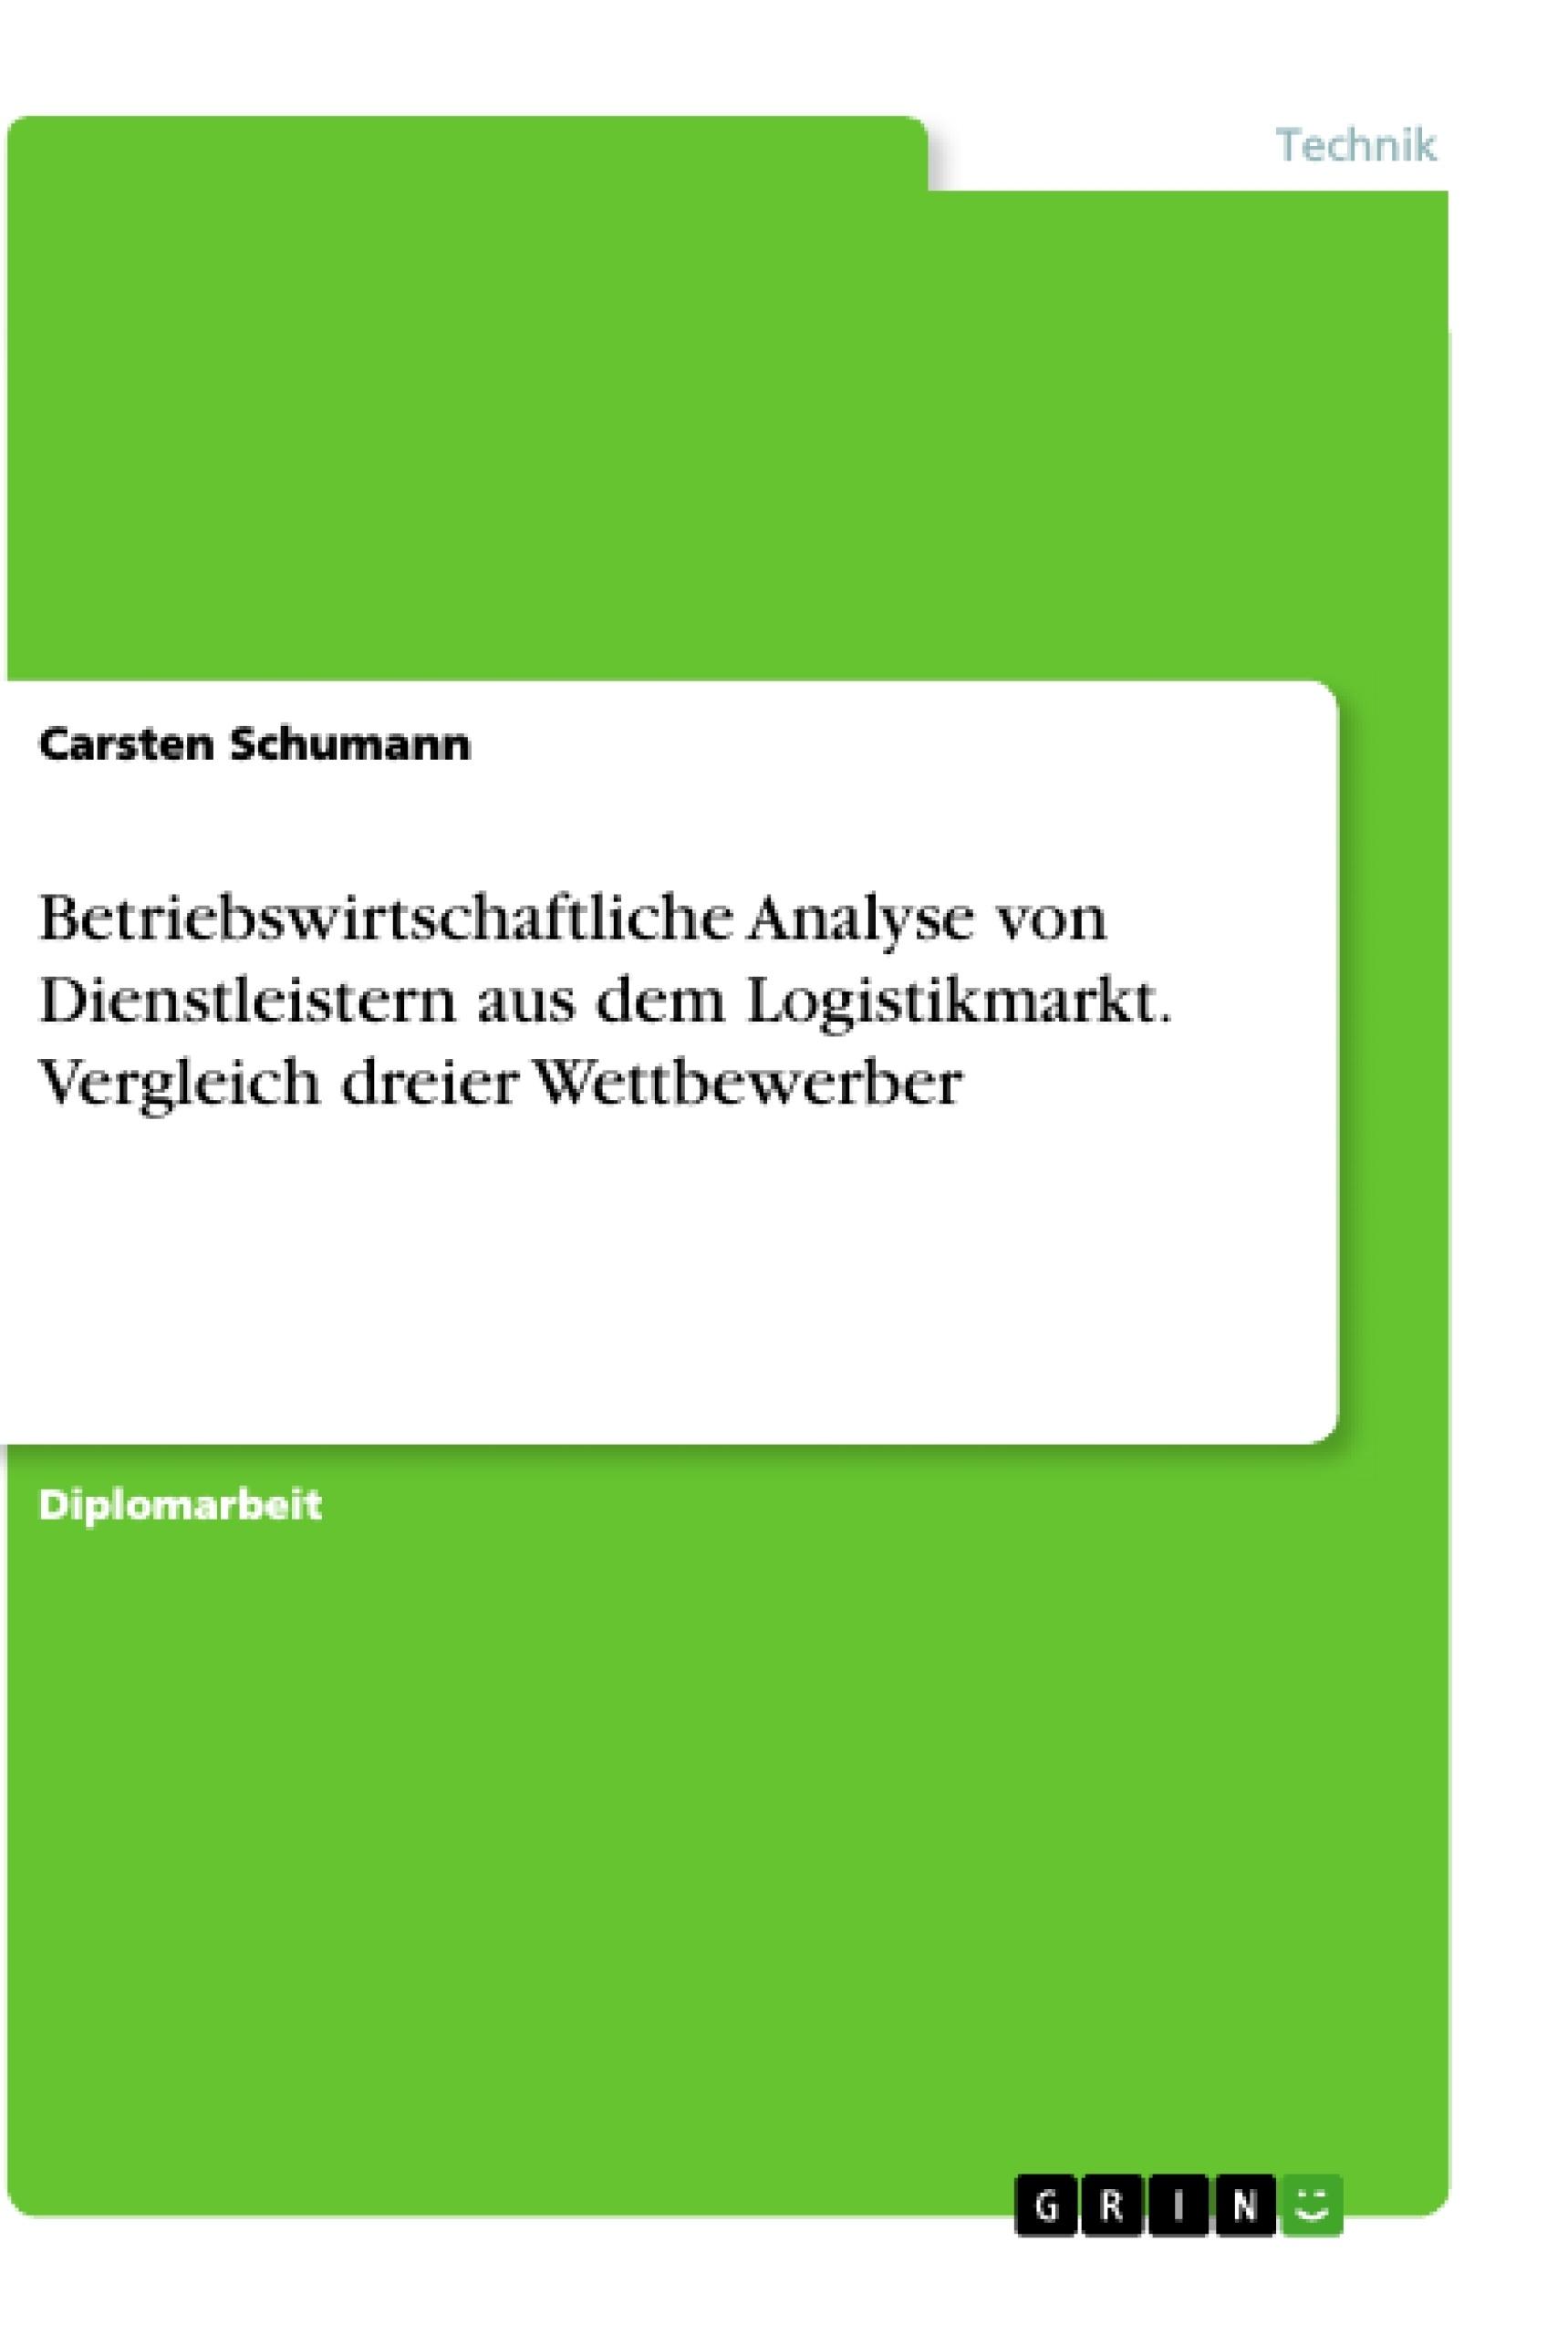 Titel: Betriebswirtschaftliche Analyse von Dienstleistern aus dem Logistikmarkt. Vergleich dreier Wettbewerber